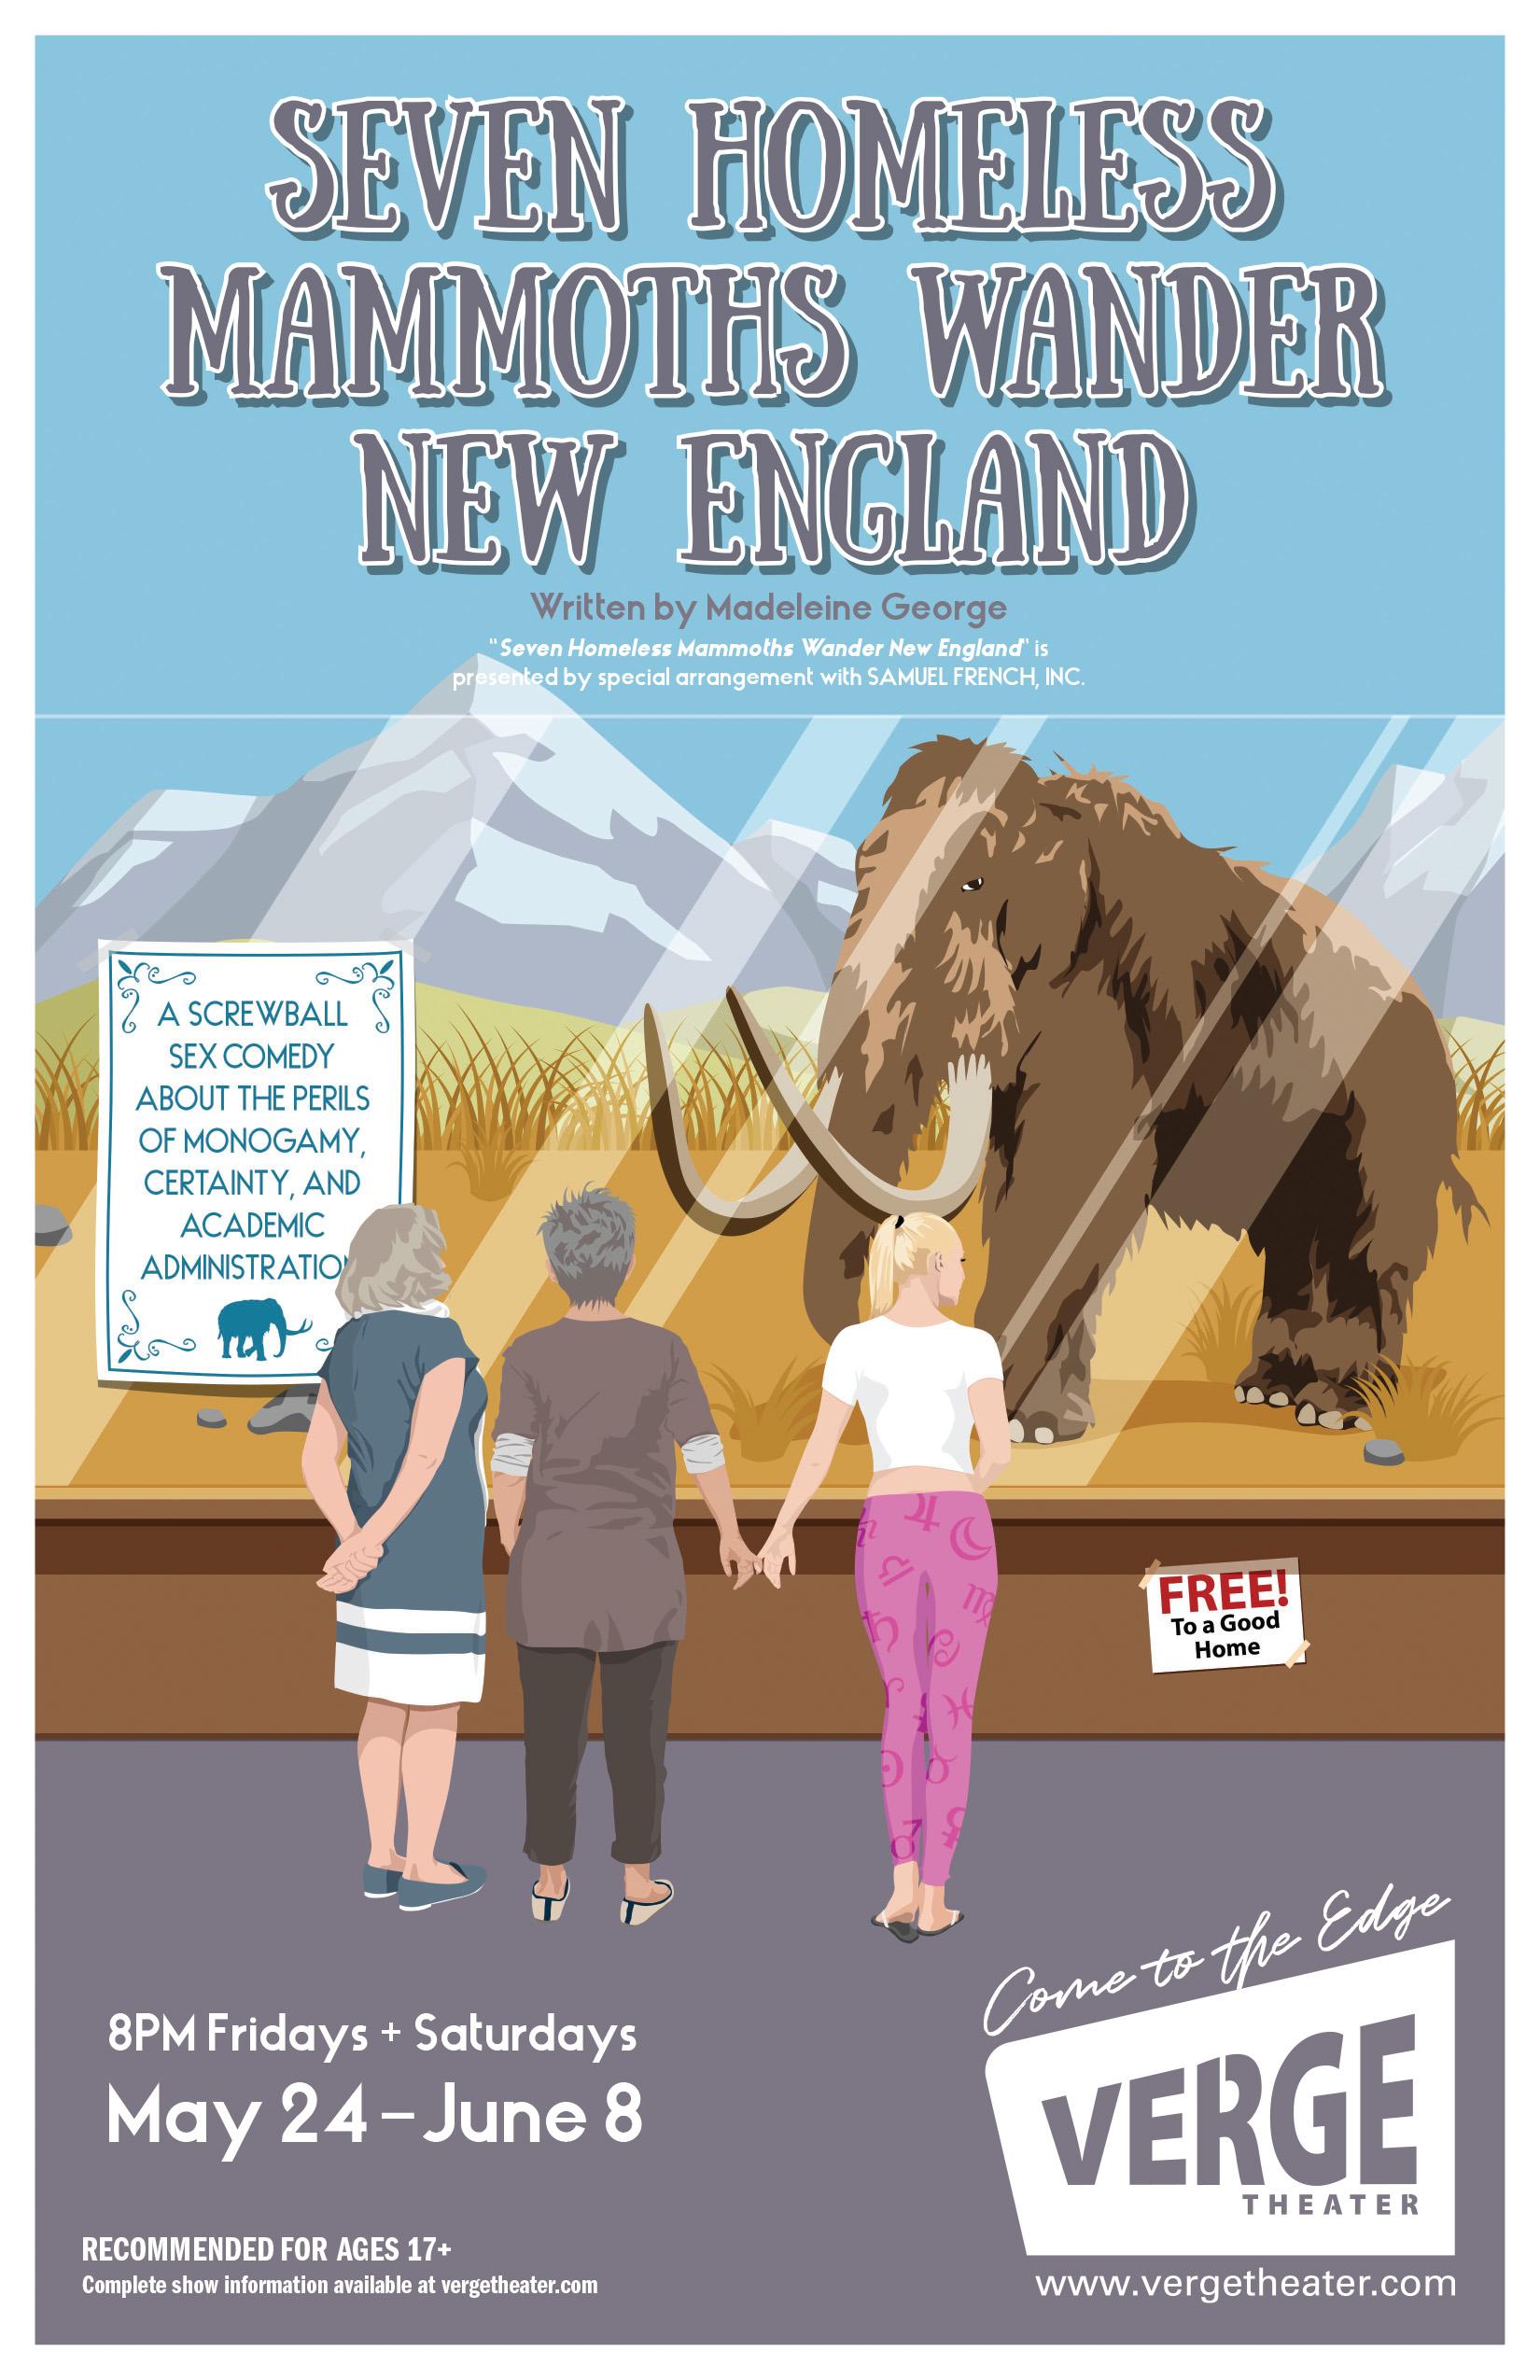 Seven Homeless Mammoths for website.jpg